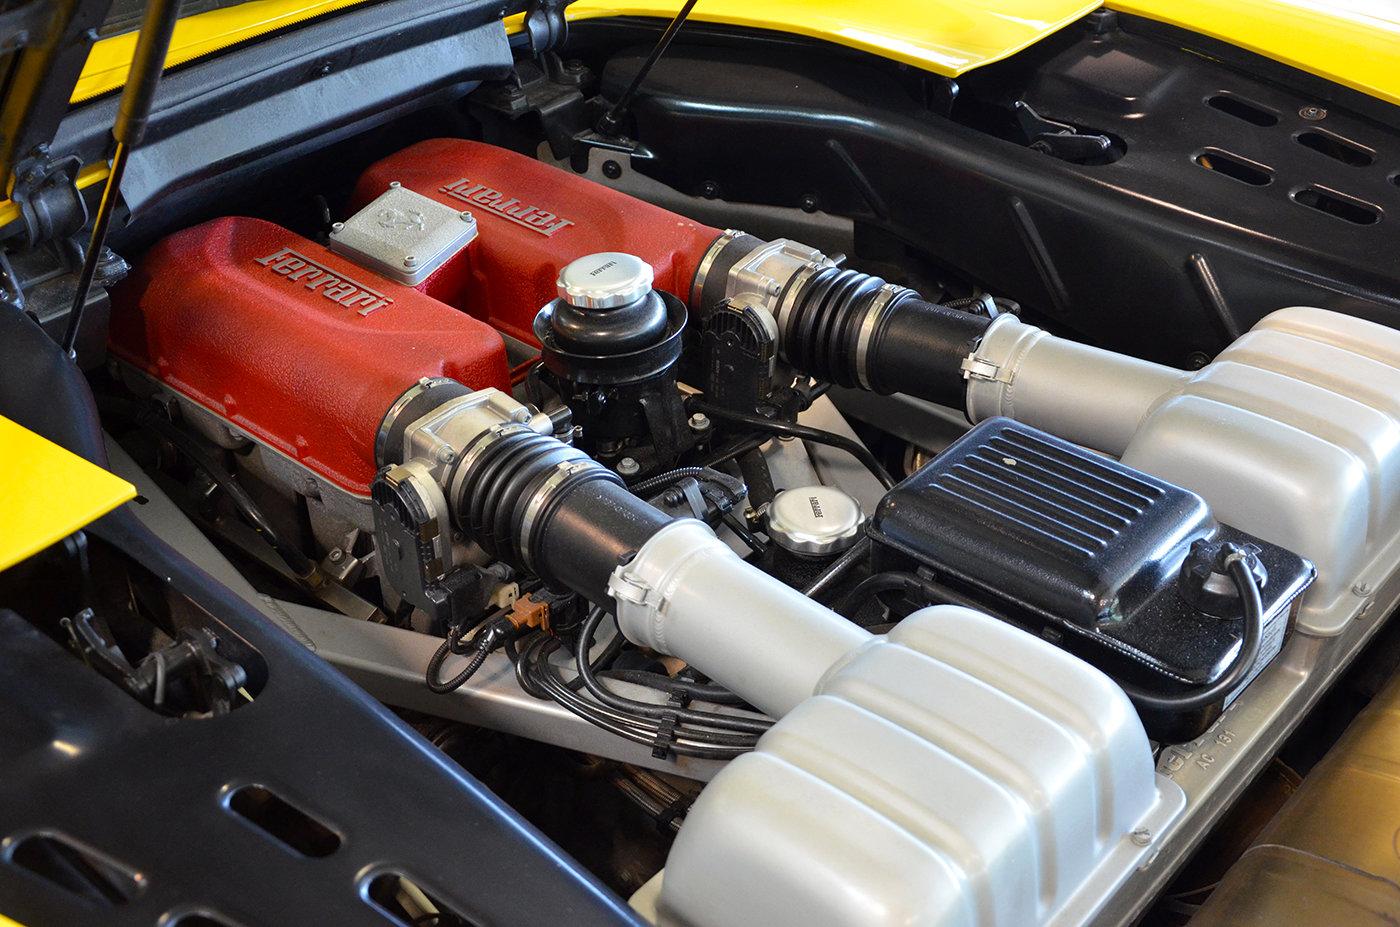 2001 - Ferrari 360 Spider Manual LHD Giallo Modena For Sale (picture 5 of 6)